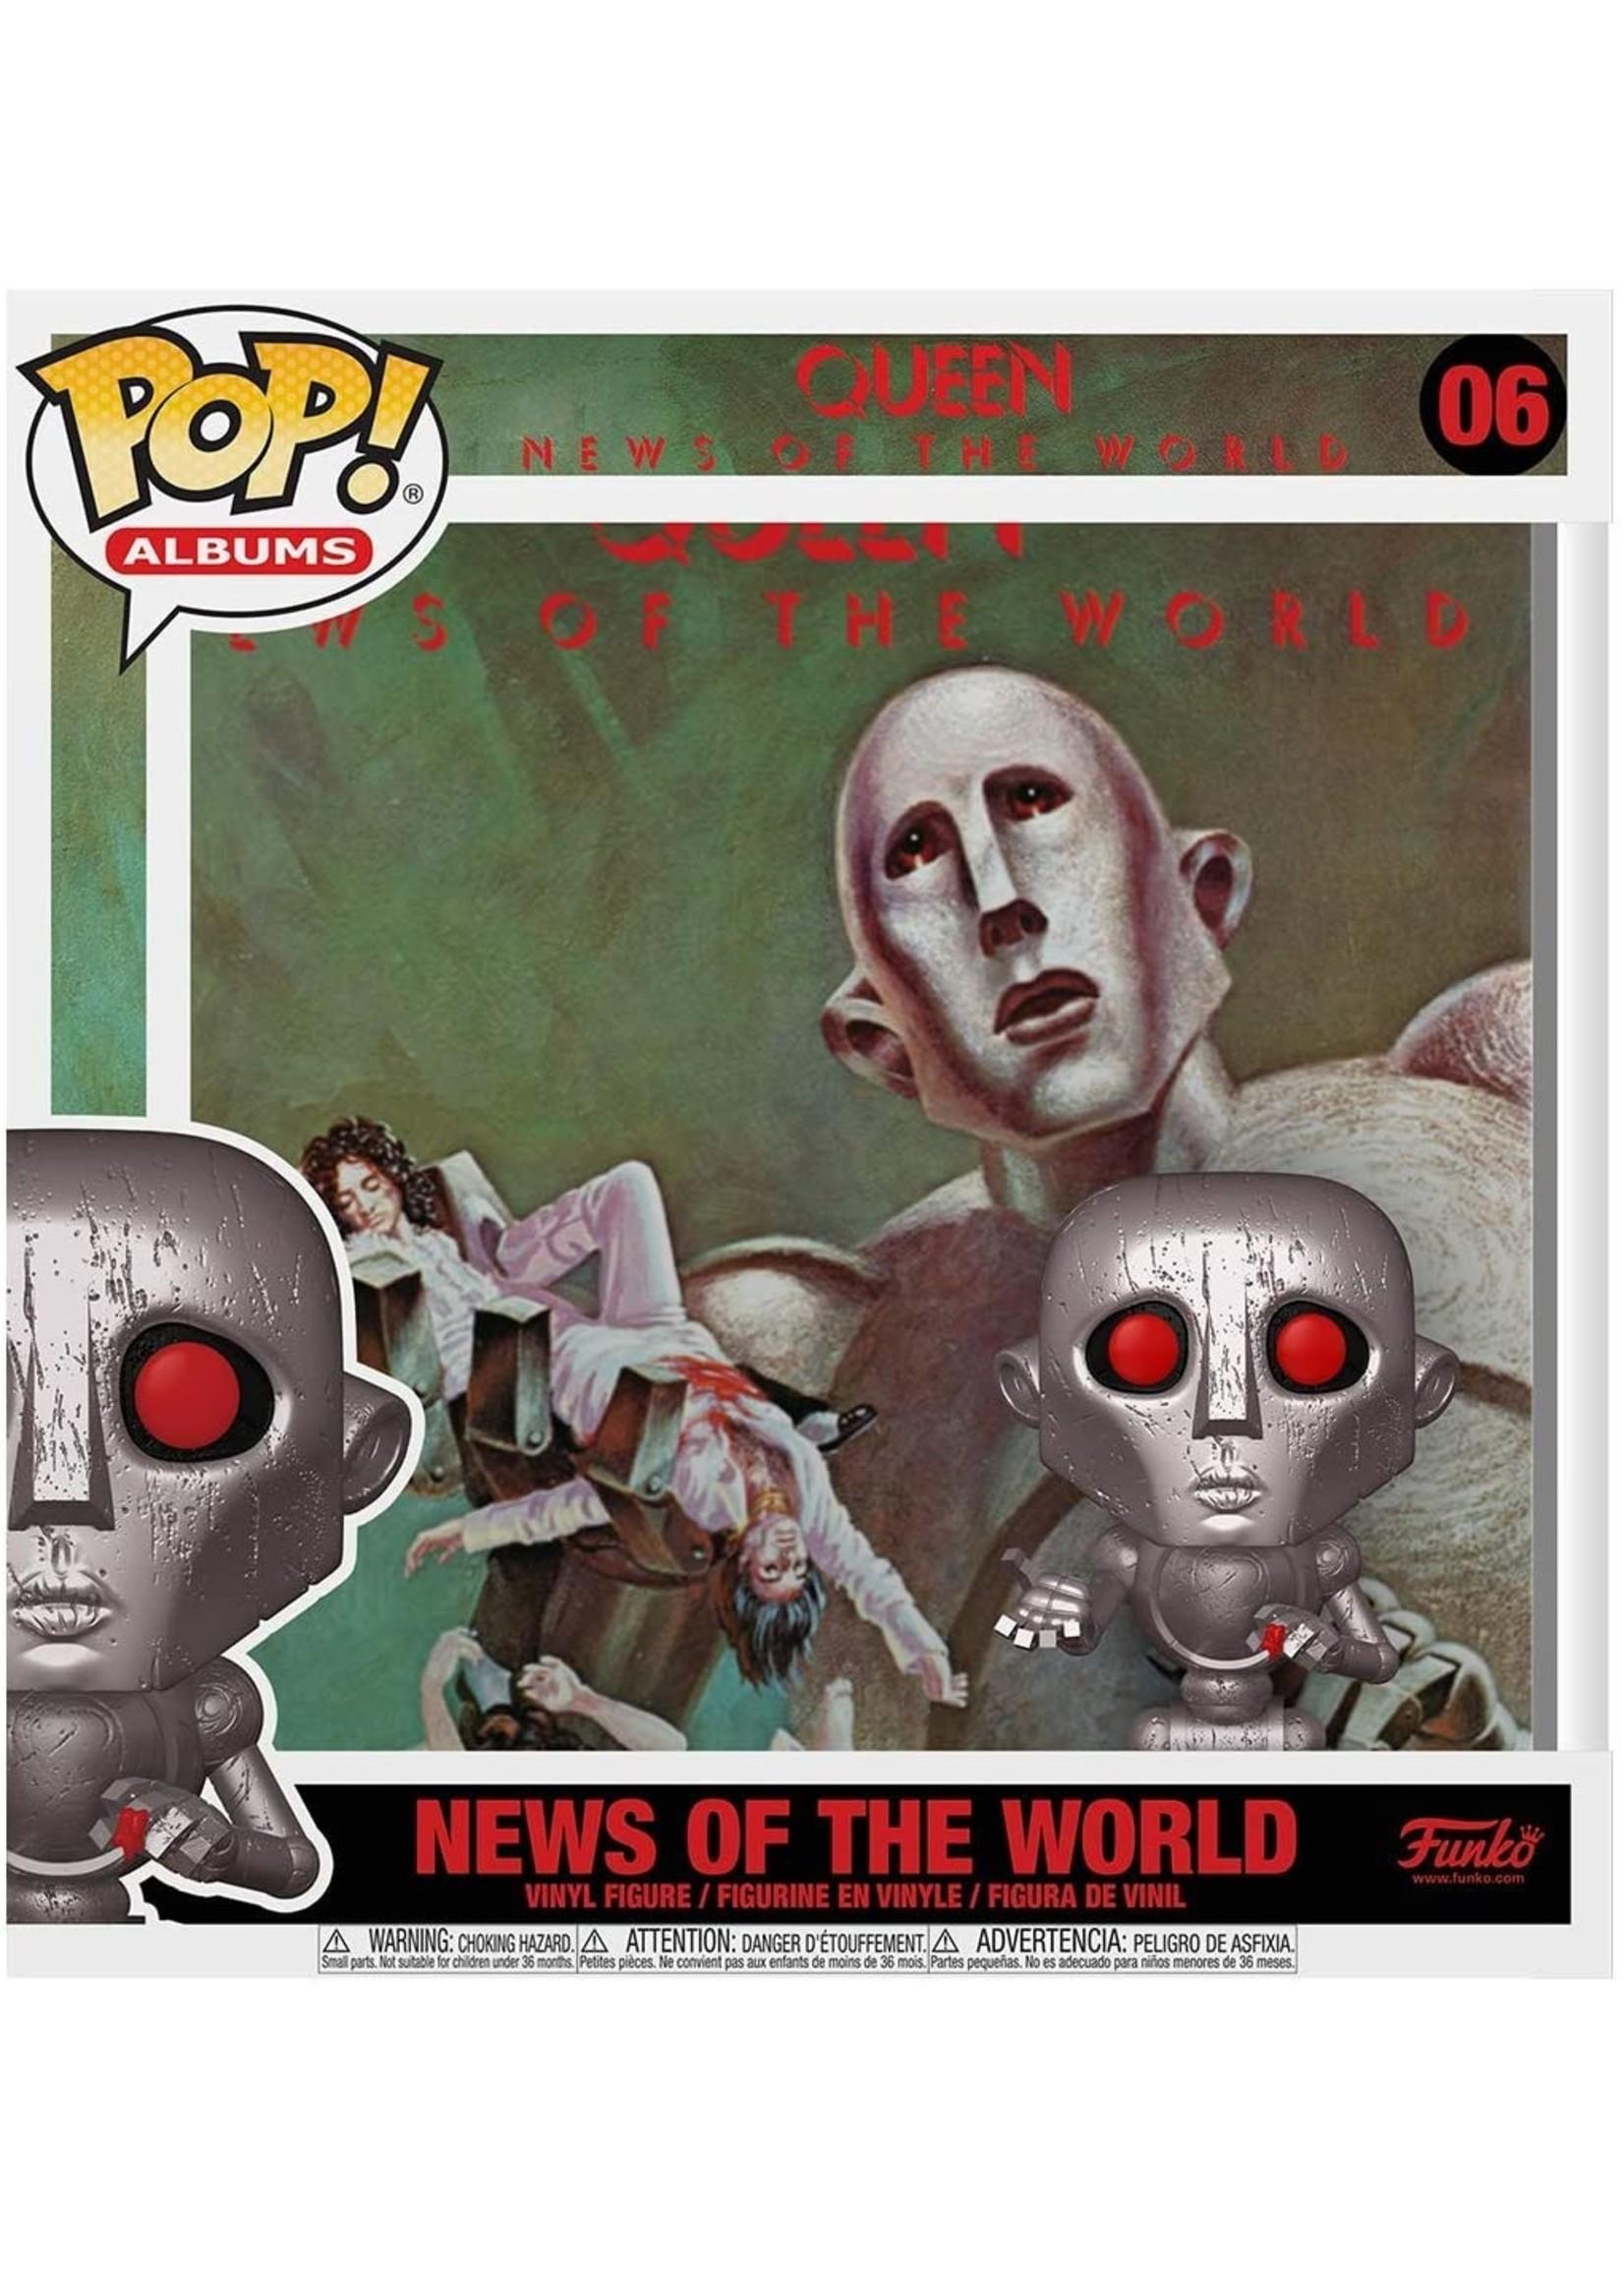 Queen News Of The World Album Vinyl Figure